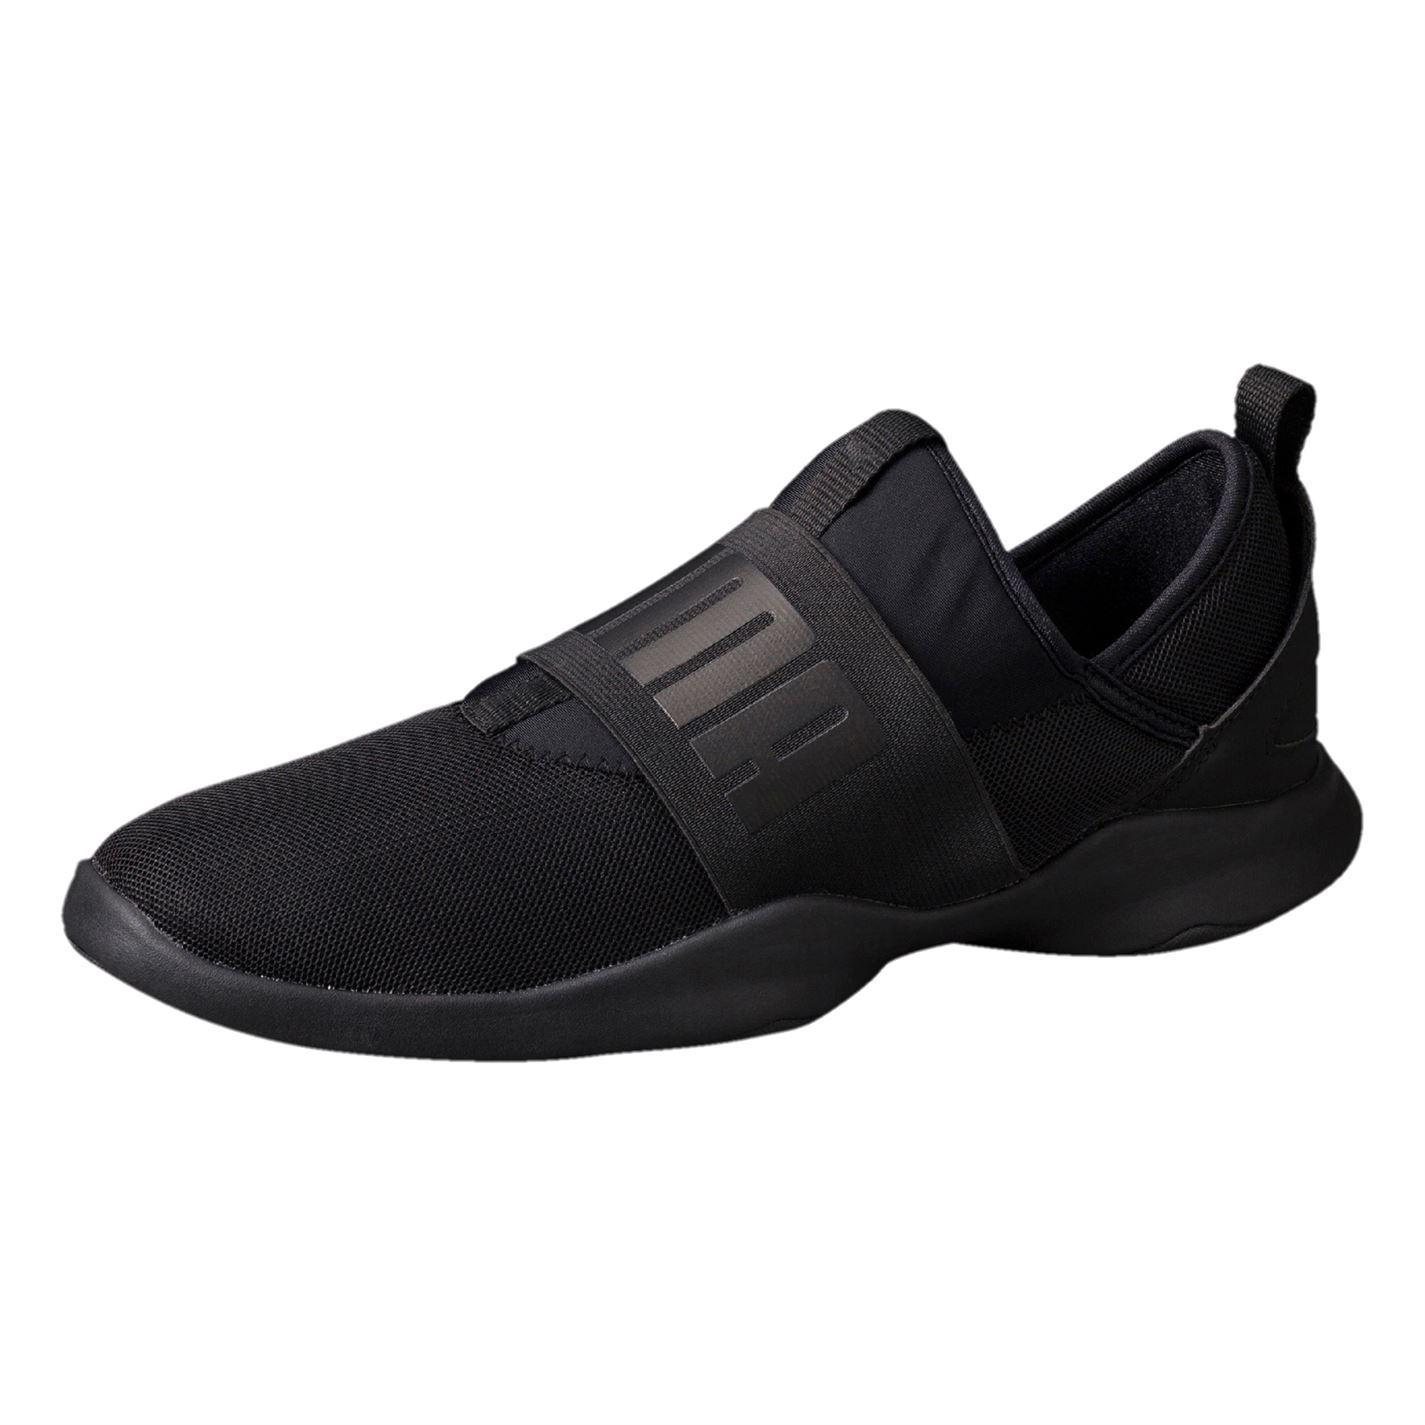 scarpe per palestra puma